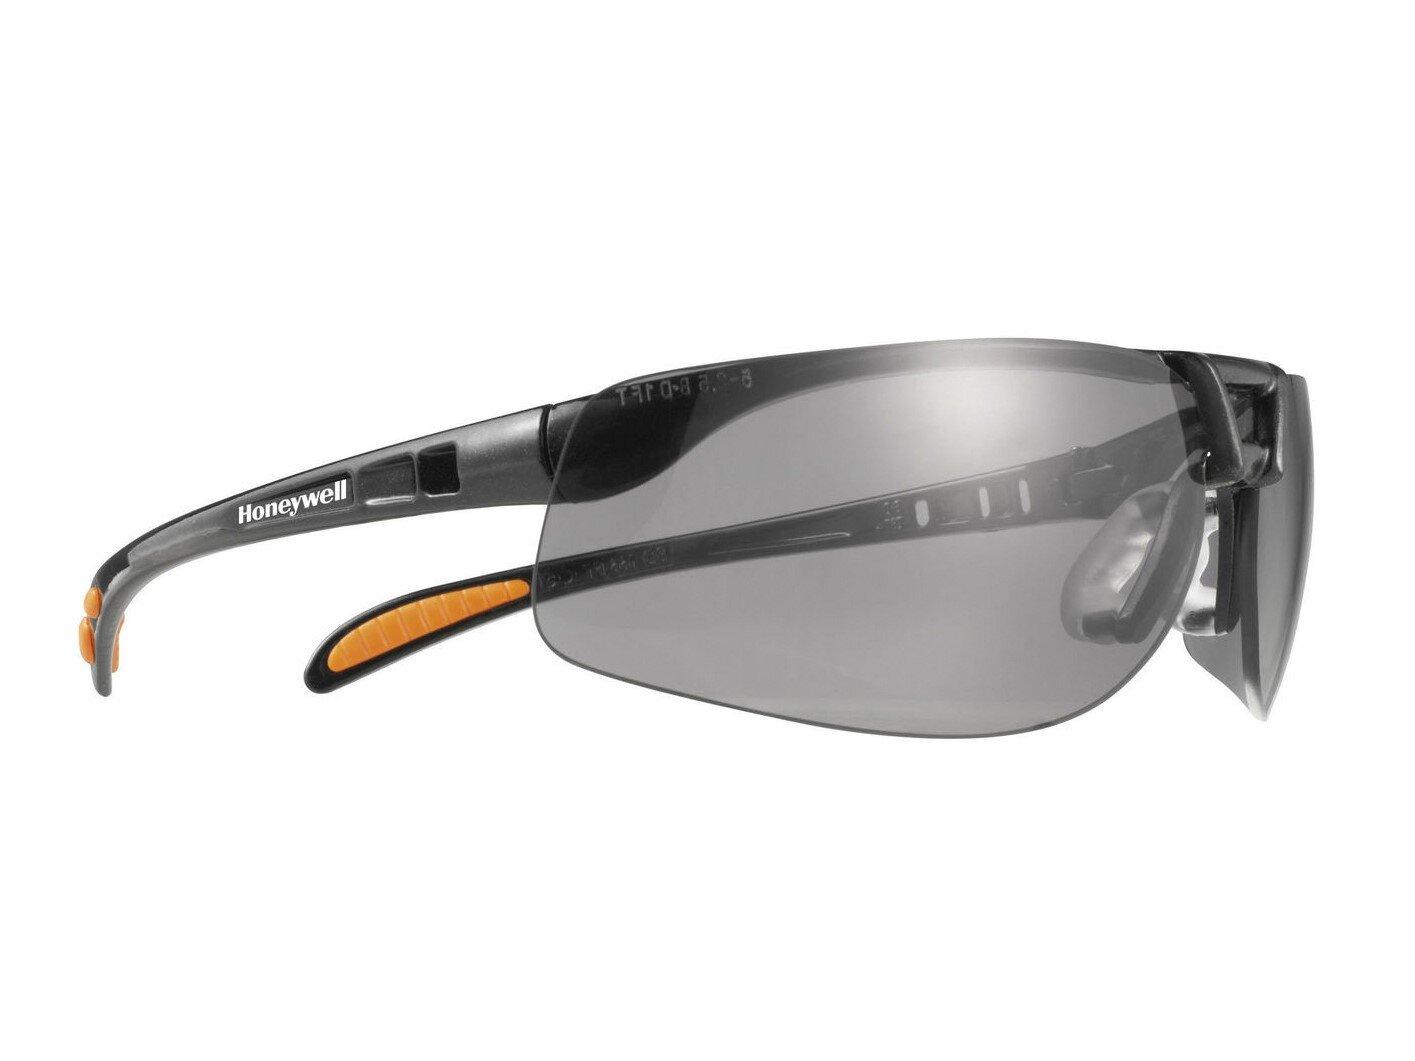 HONEYWELL Protégé TSR Grey Lens Safety Glasses